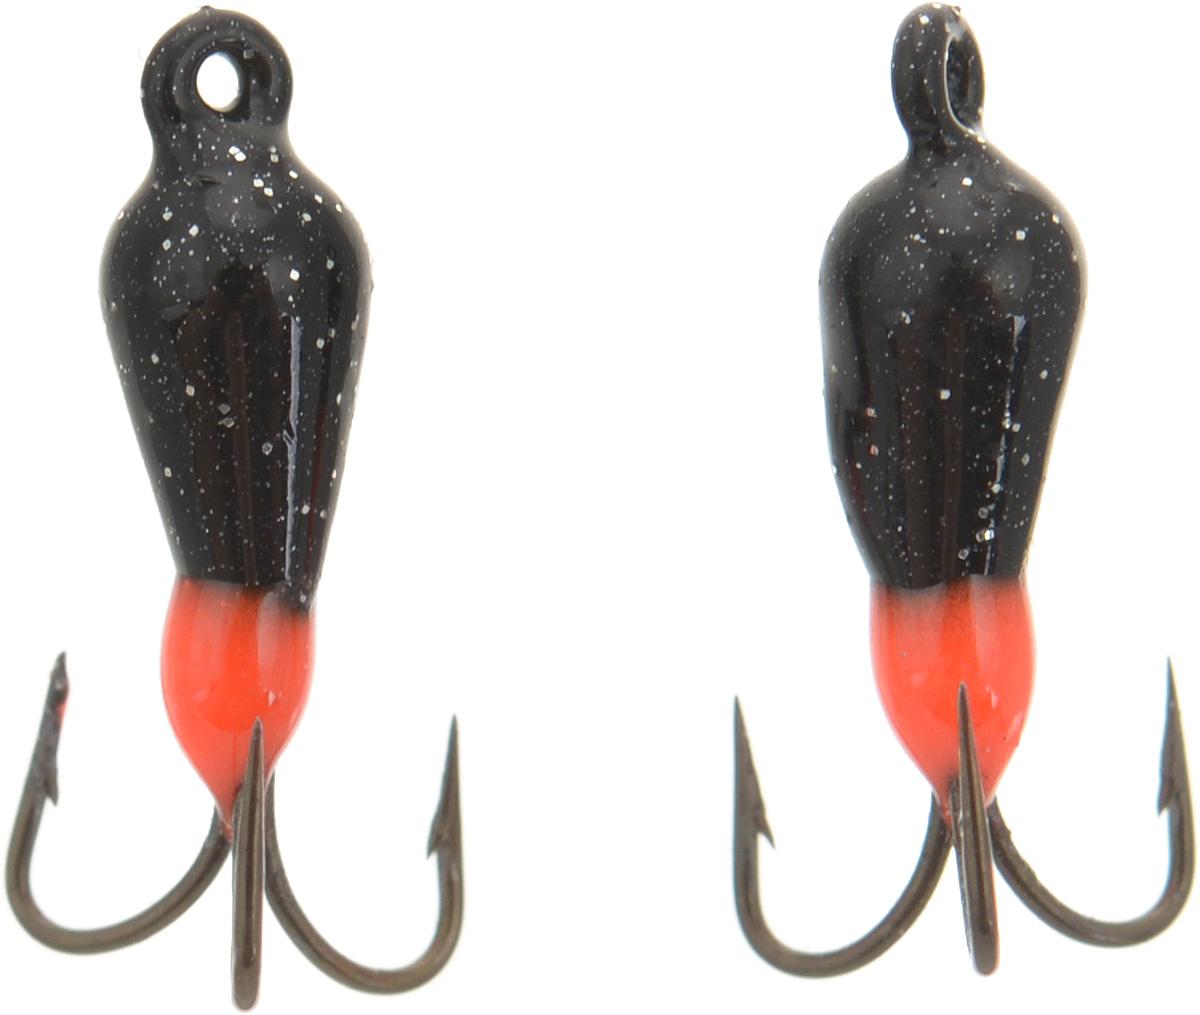 Чертик вольфрамовый Finnex, цвет: черный, красный, 0,38 г, 2 штHAT33F-506Вольфрамовый чертик Finnex - одна из самых популярных приманок для ловли леща, плотвы и другой белой рыбы. Особенно хорошо работает приманка на всевозможных водохранилищах. Не пропустит ее и другая рыба, в том числе окунь, судак и щука.